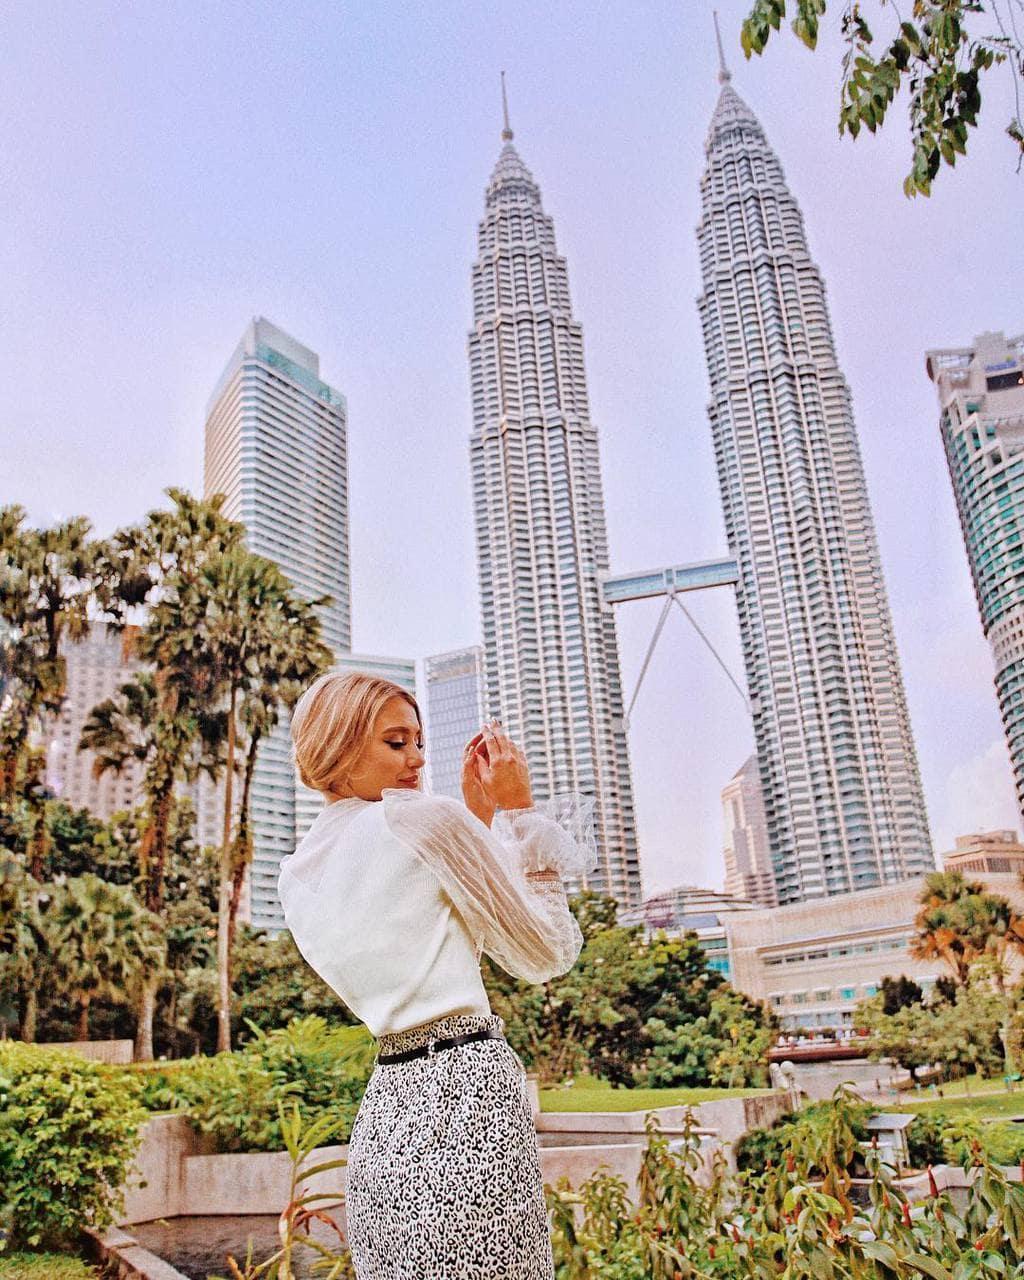 Petronas Twin Towers, Kuala Lumpur by @helengorkava